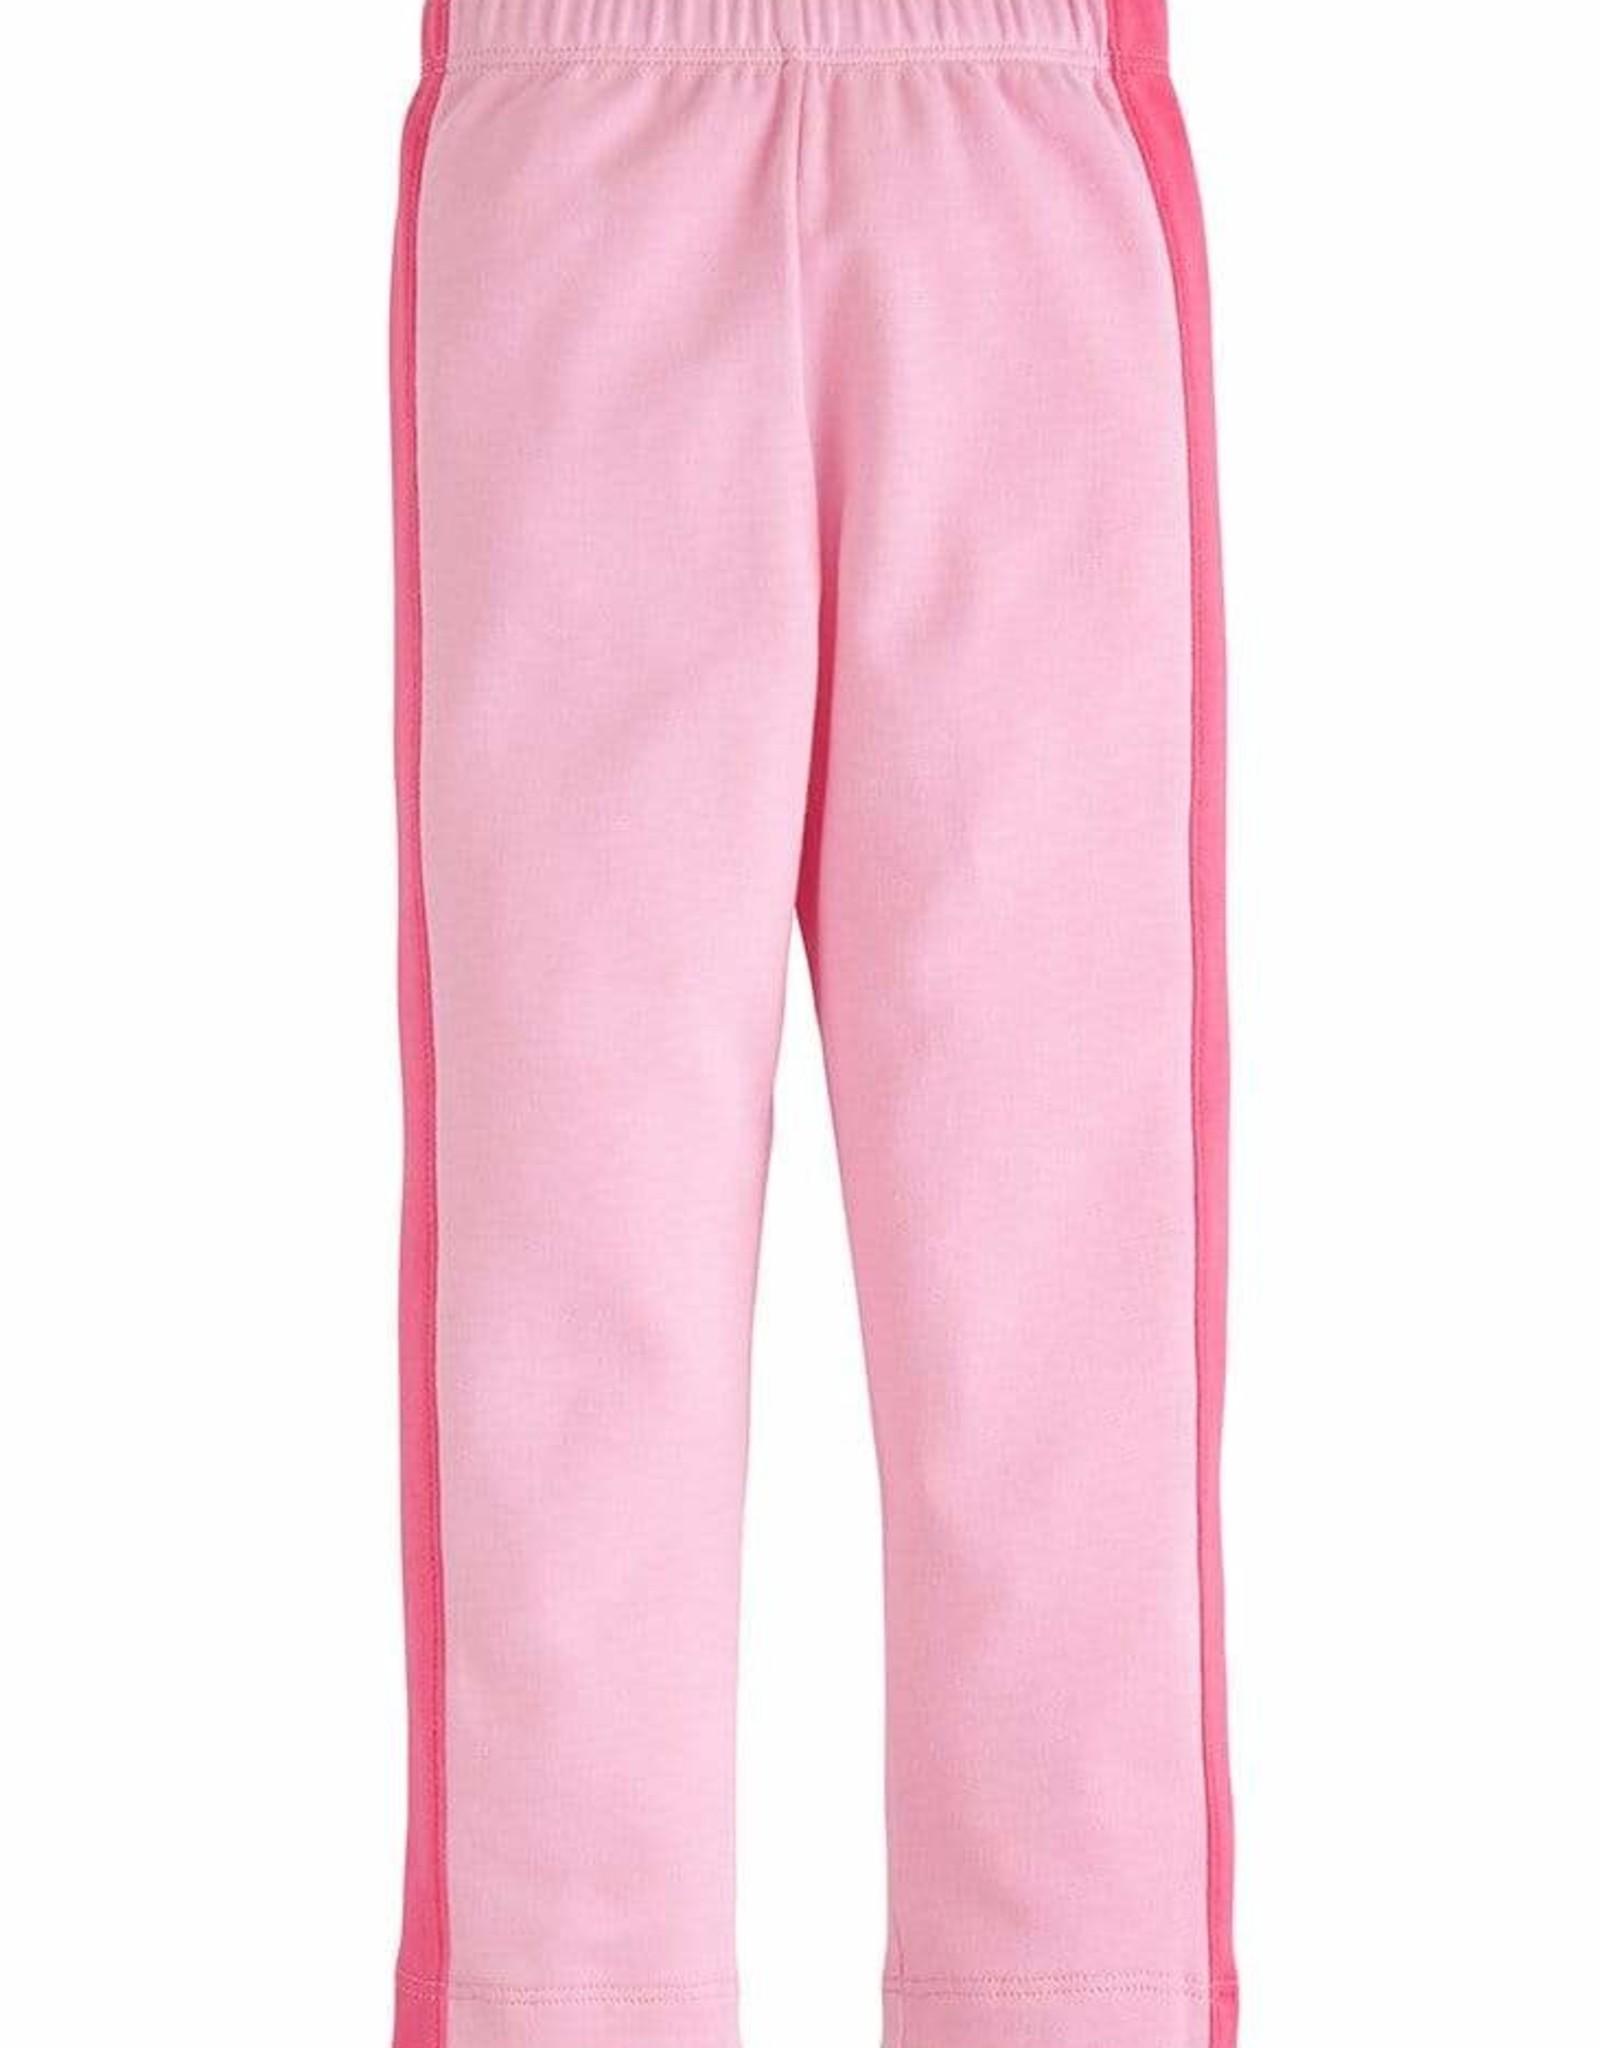 Little English Lilah Leggings Pink